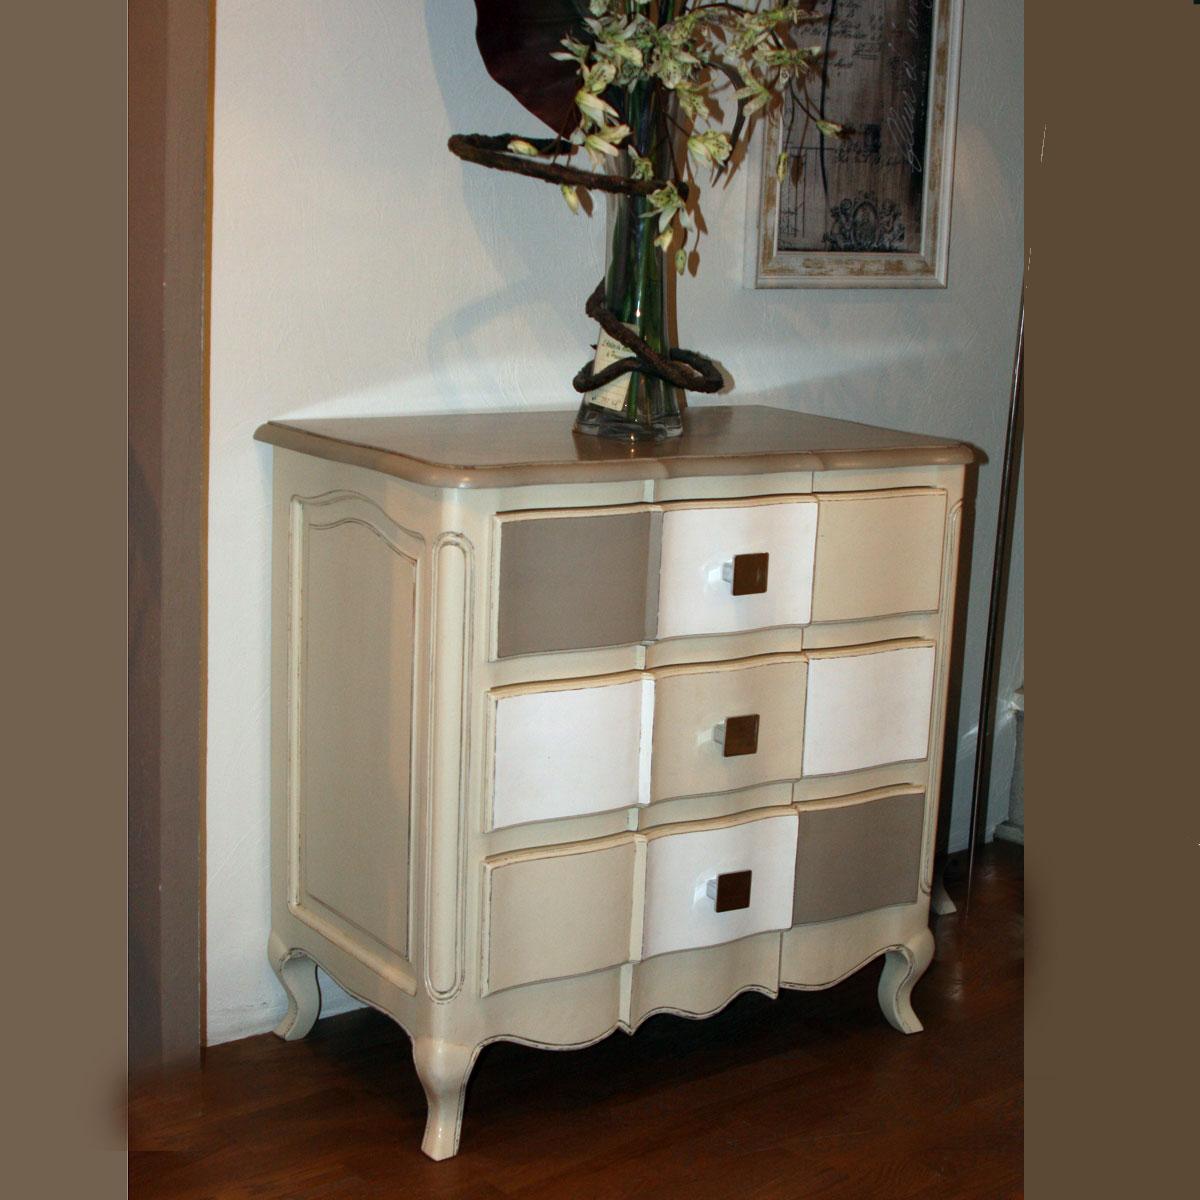 commode ramatuelle ref t42 l 39 atelier du moulin de provence. Black Bedroom Furniture Sets. Home Design Ideas